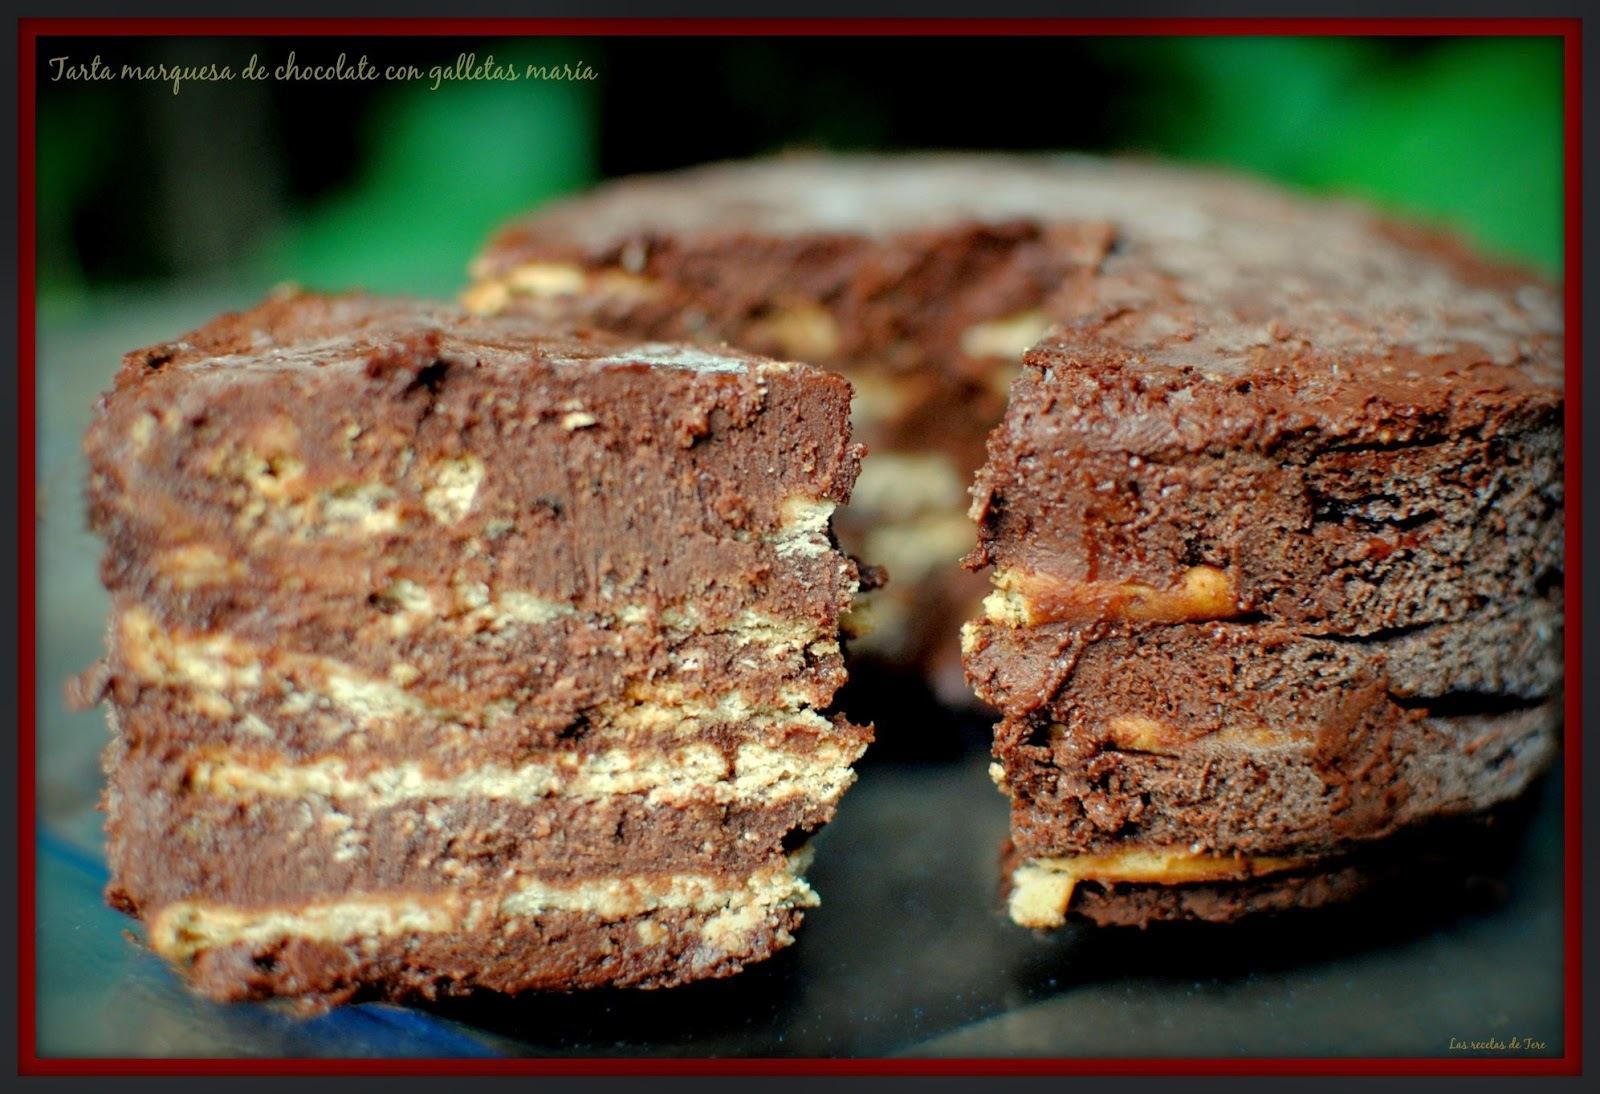 Tarta marquesa de chocolate con galletas maría.